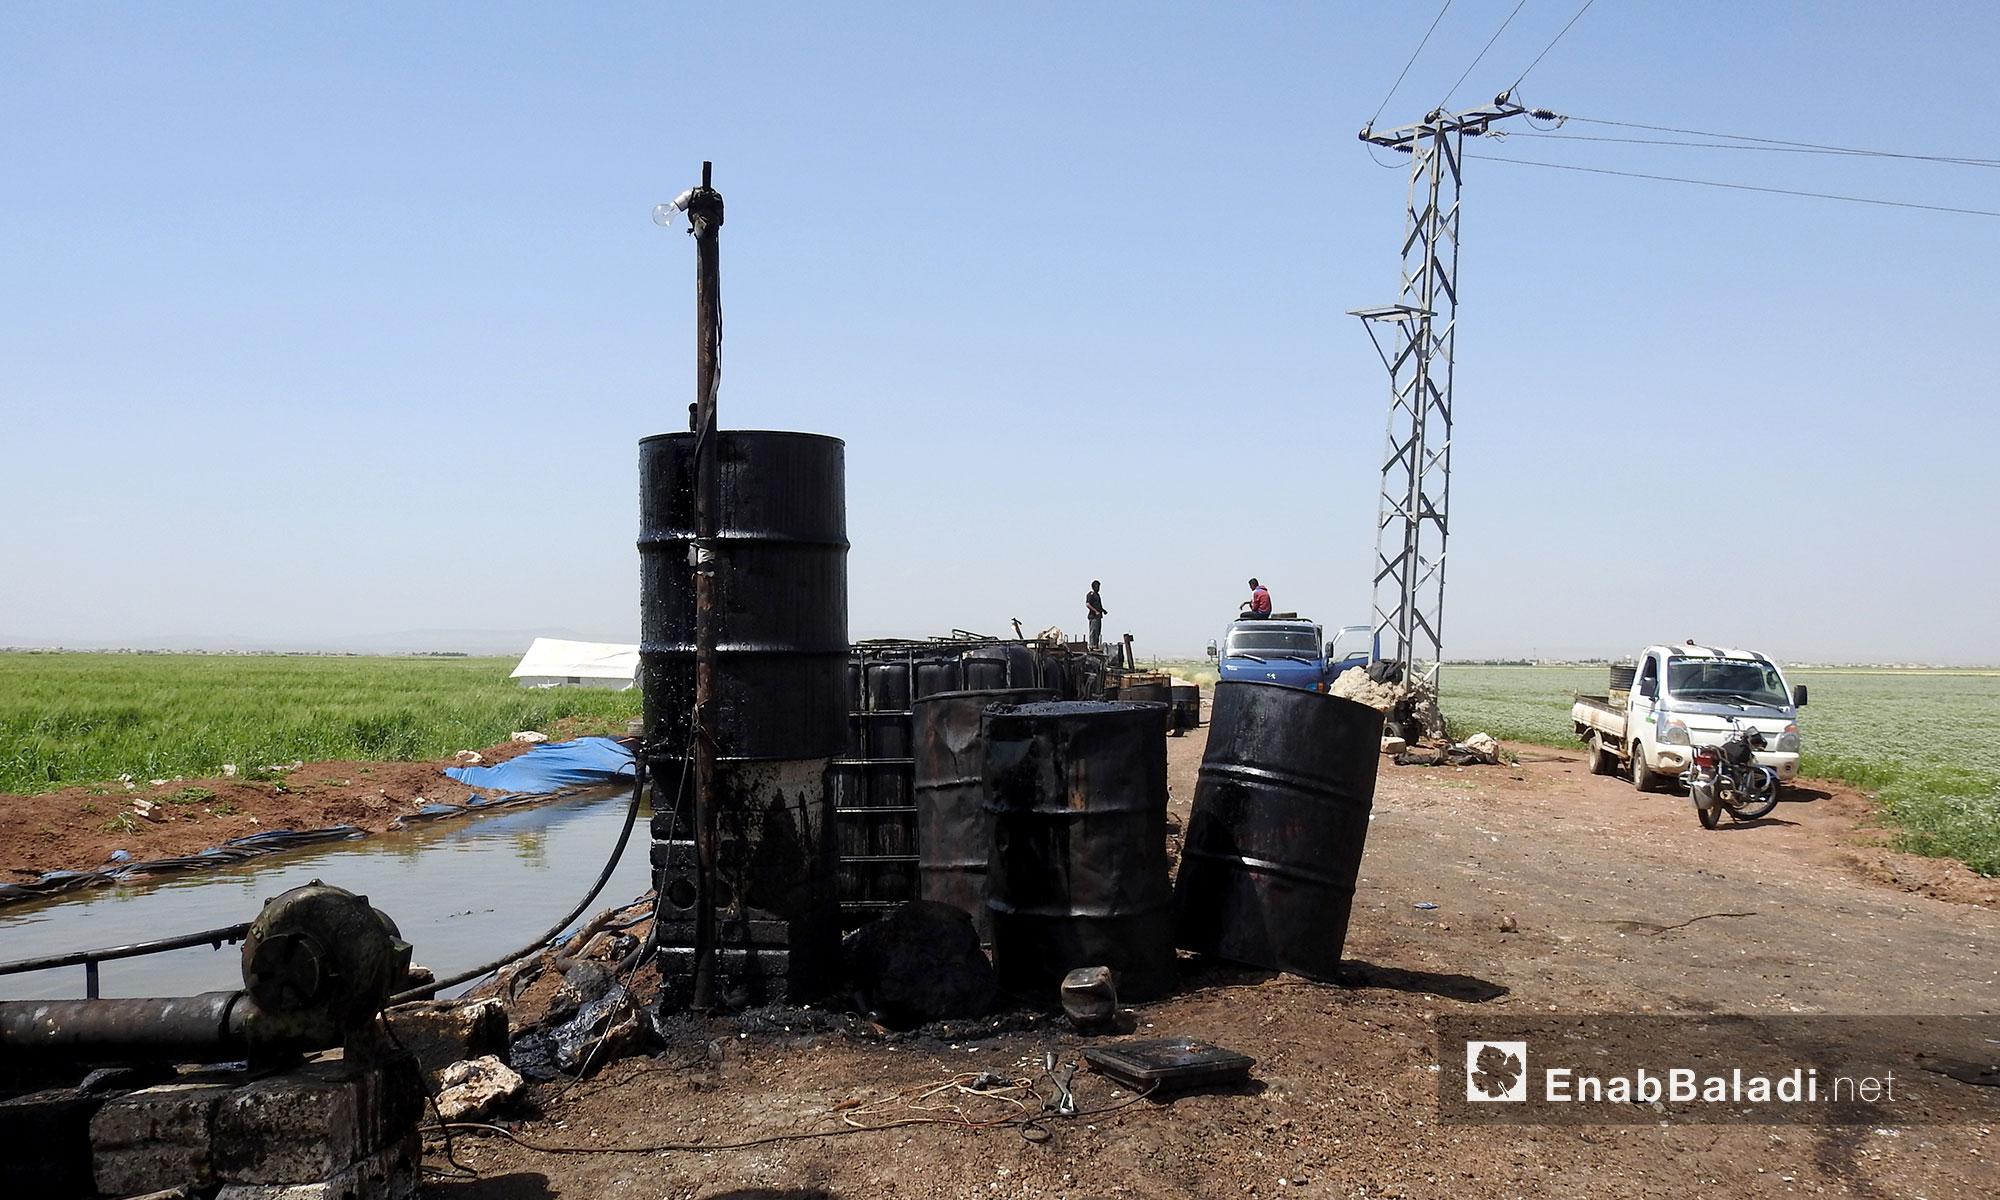 عملية تكرير النفط اليدوية في ريف حلب الشمالي - 10 أيار 2017 (عنب بلدي)